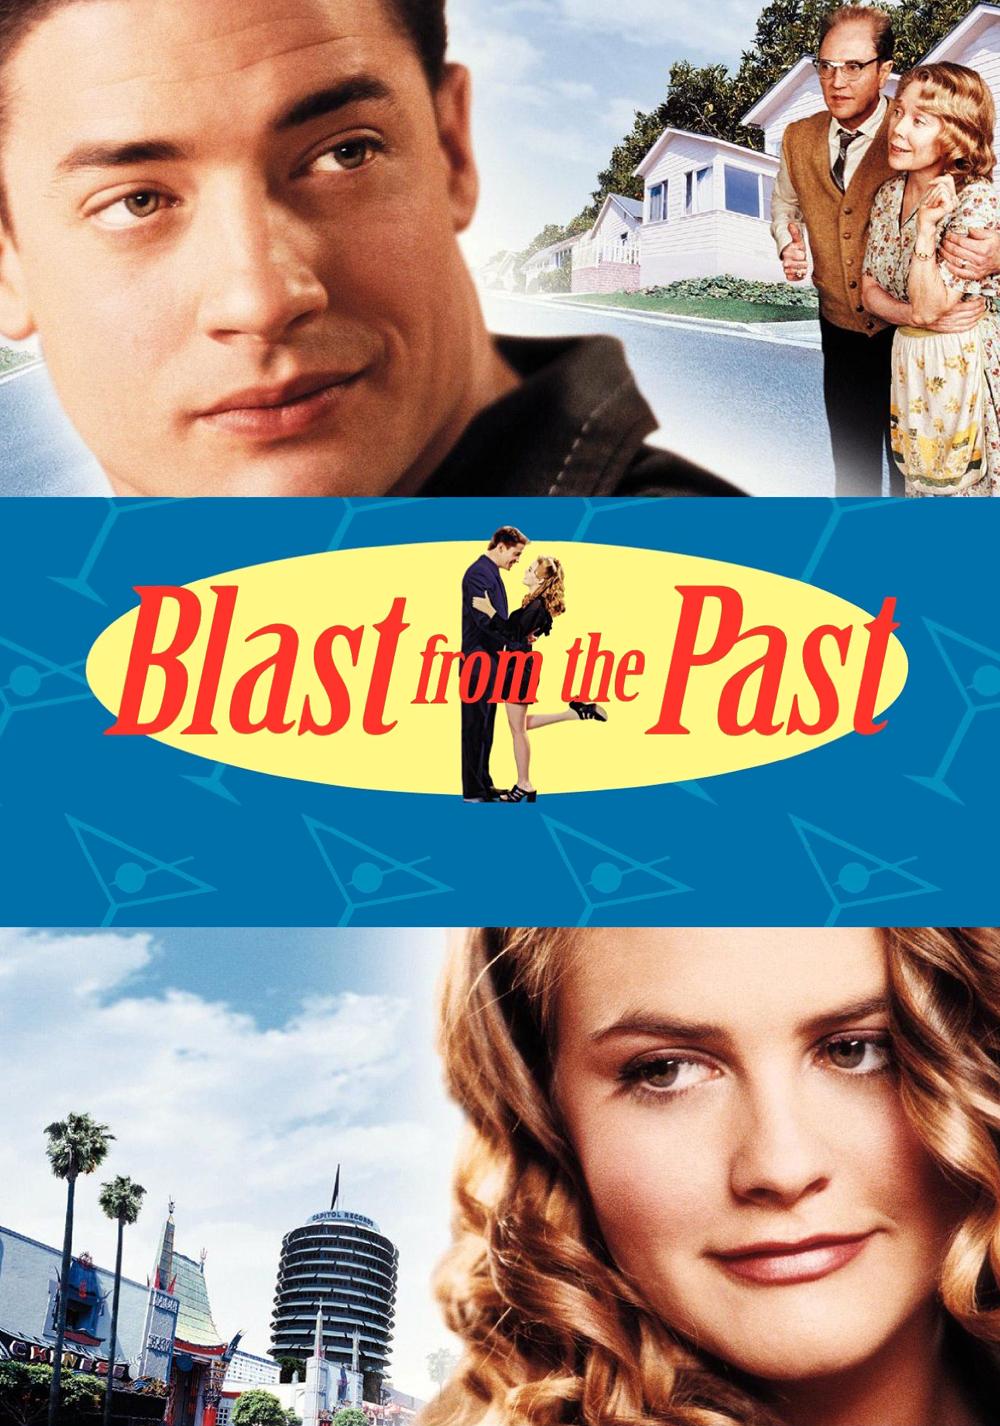 blast-from-the-past-brendan-fraser